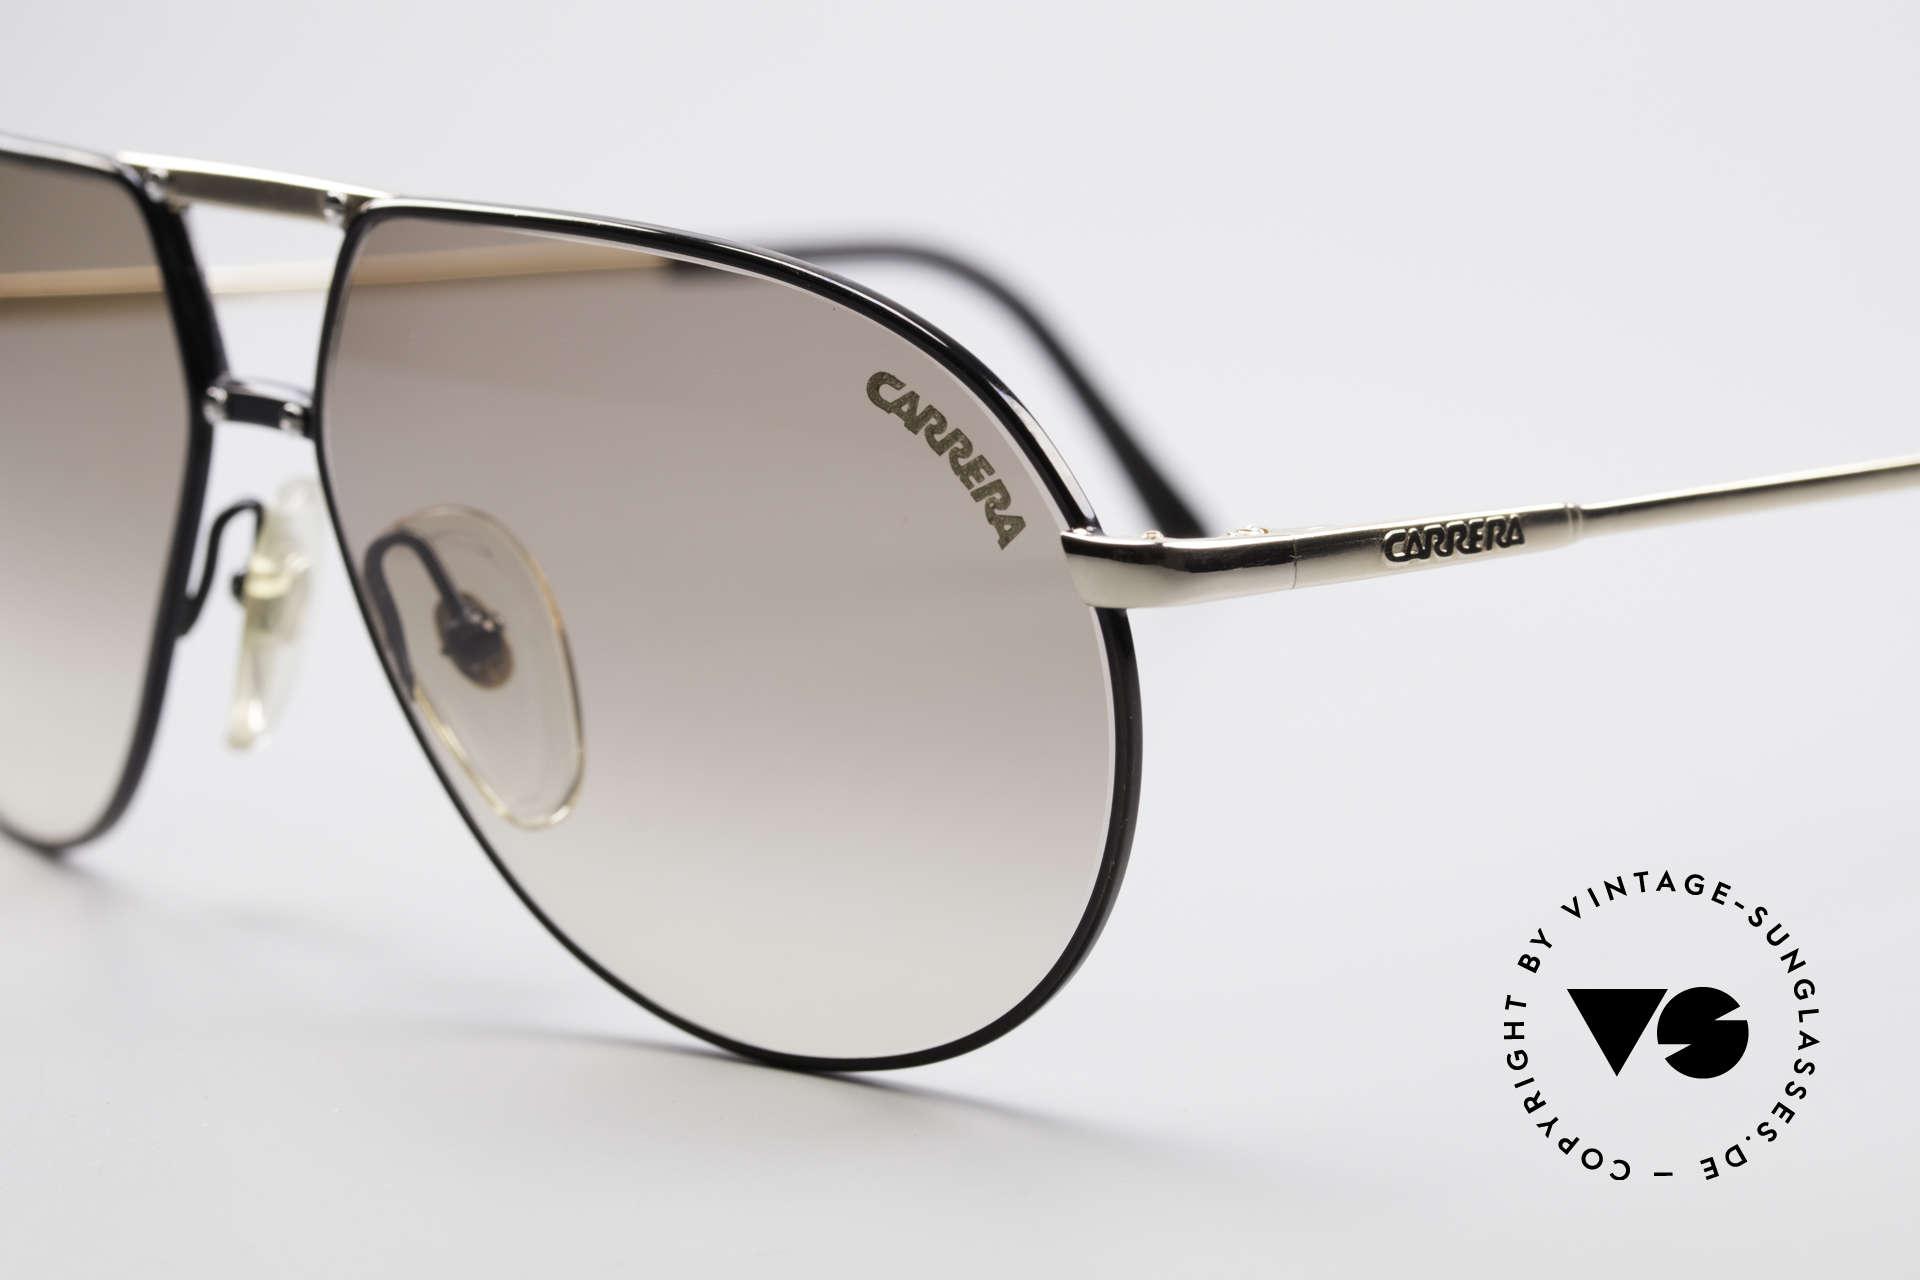 Carrera 5326 - S 80er Herren Sonnenbrille, mit bicolor Lackierung und kleinen Zierschrauben, Passend für Herren und Damen